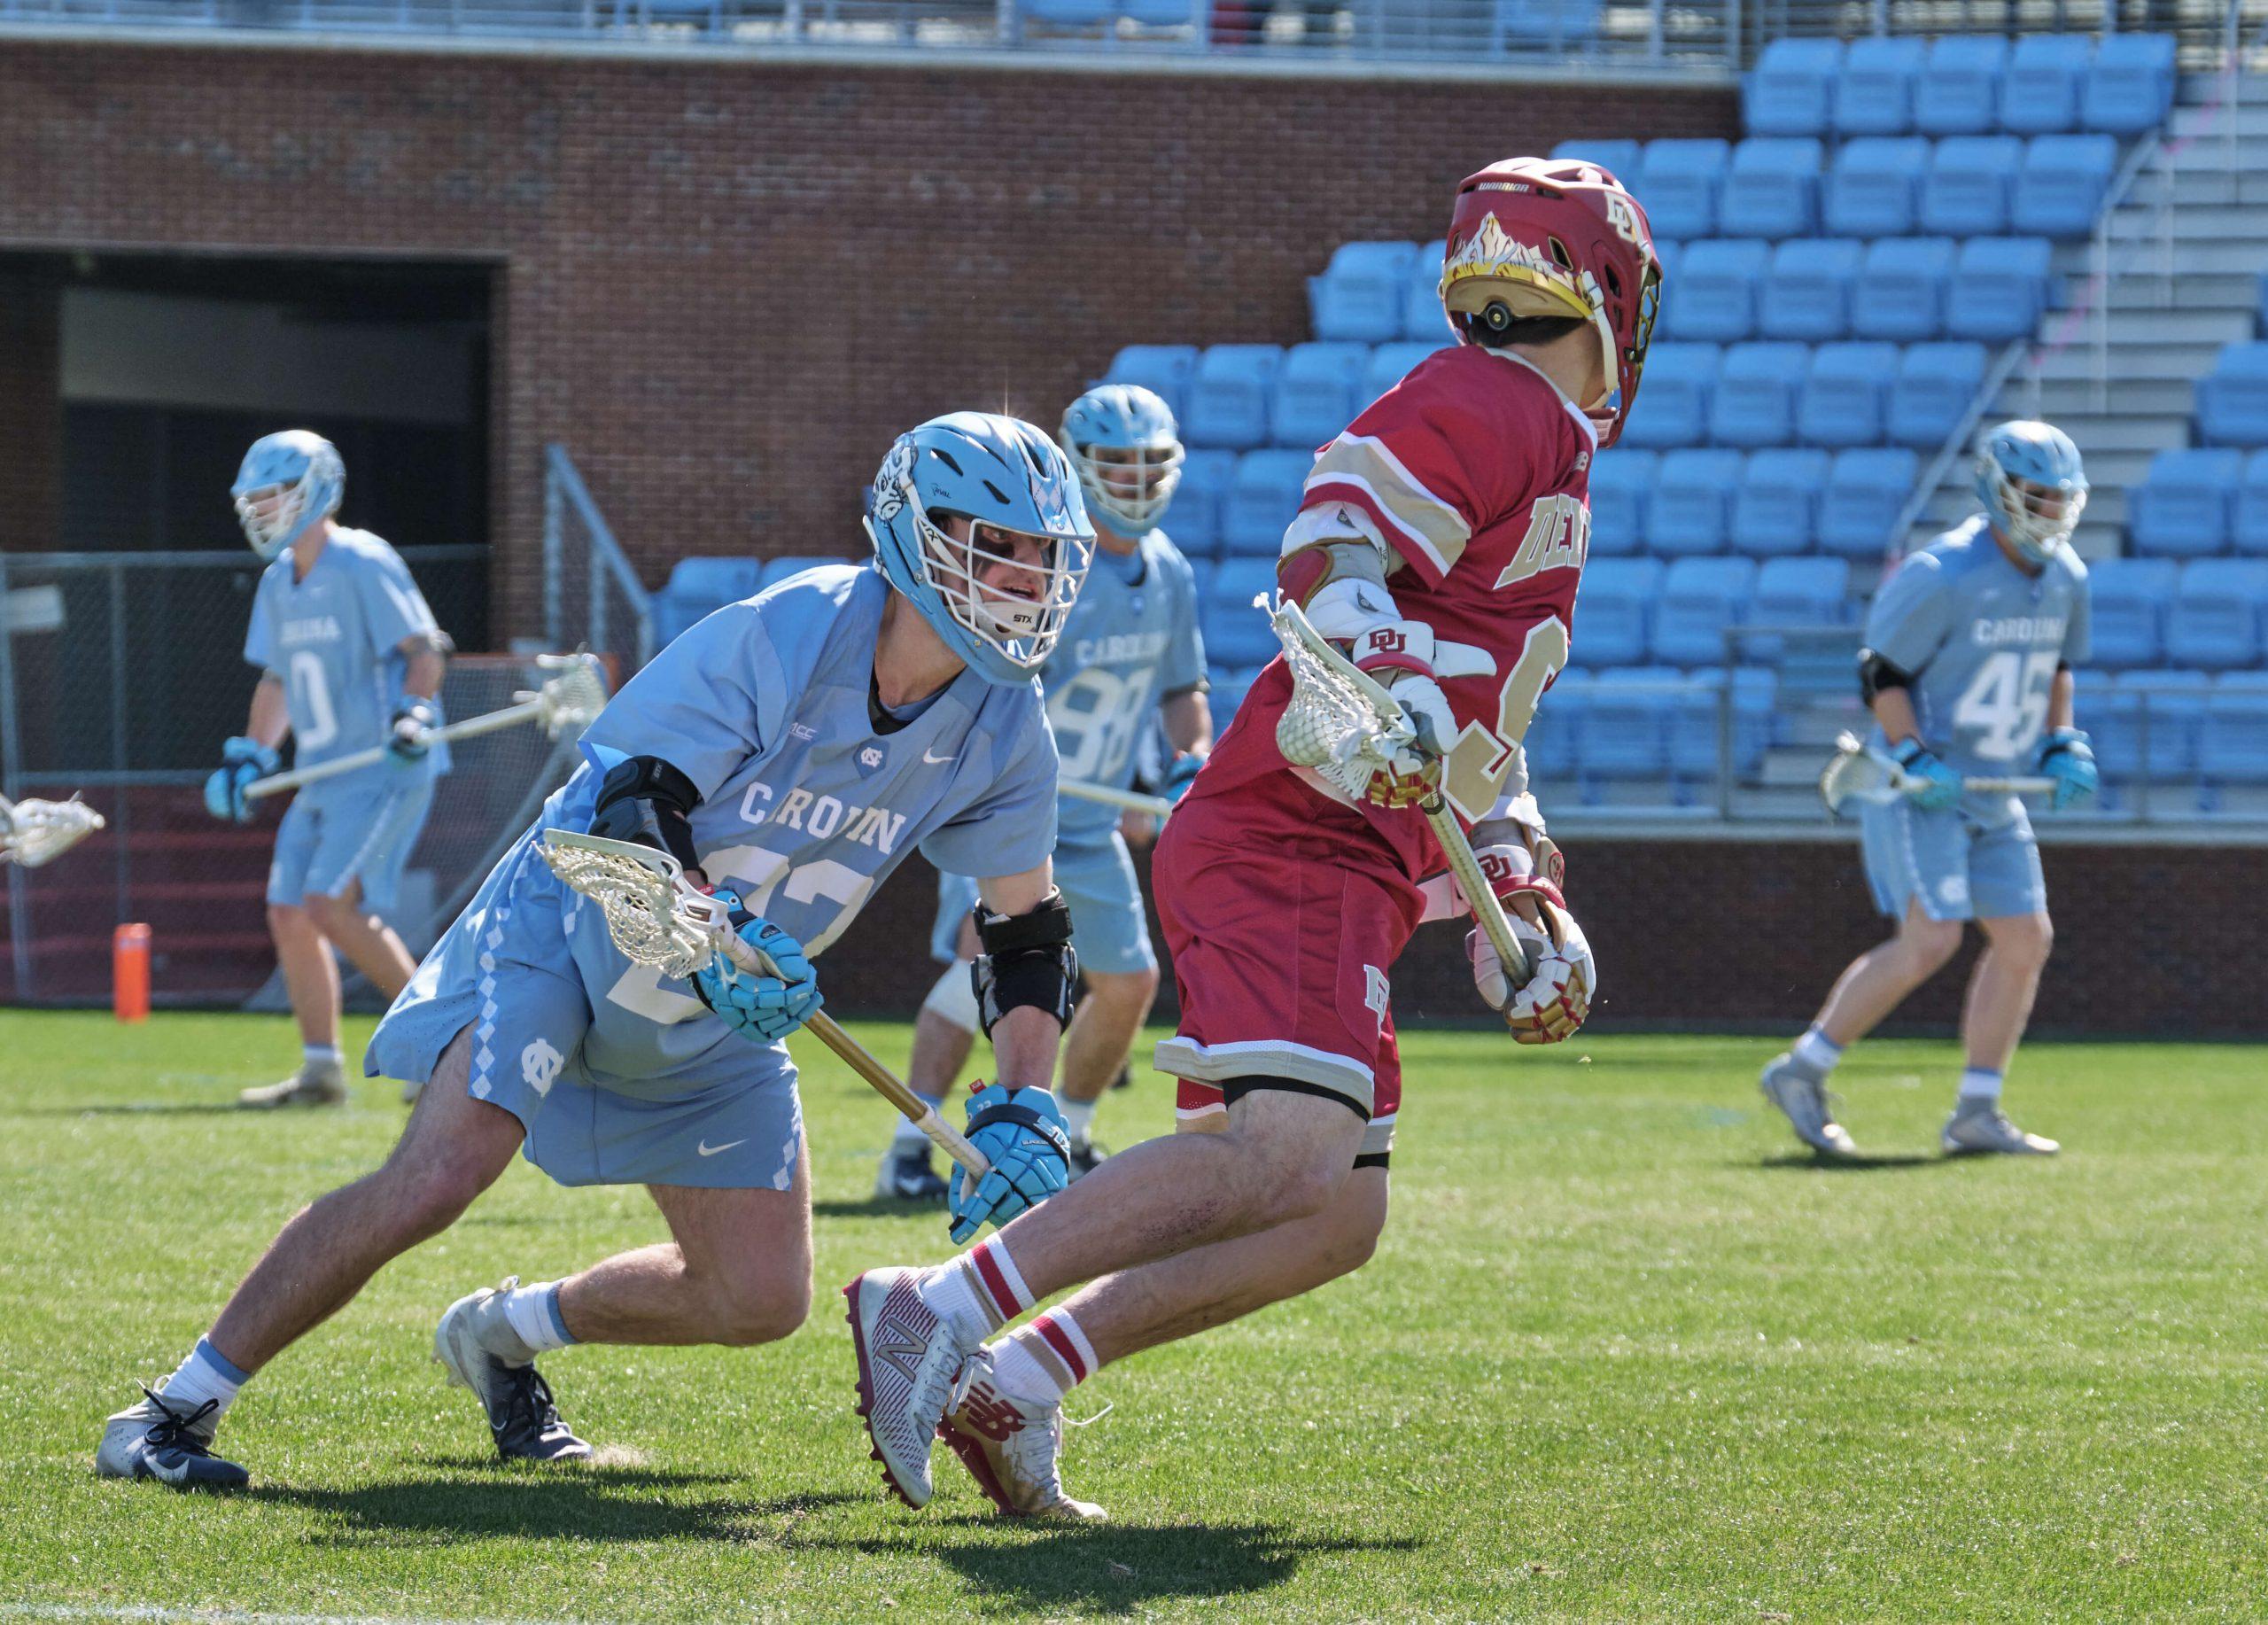 Parker Alexander UNC Lacrosse